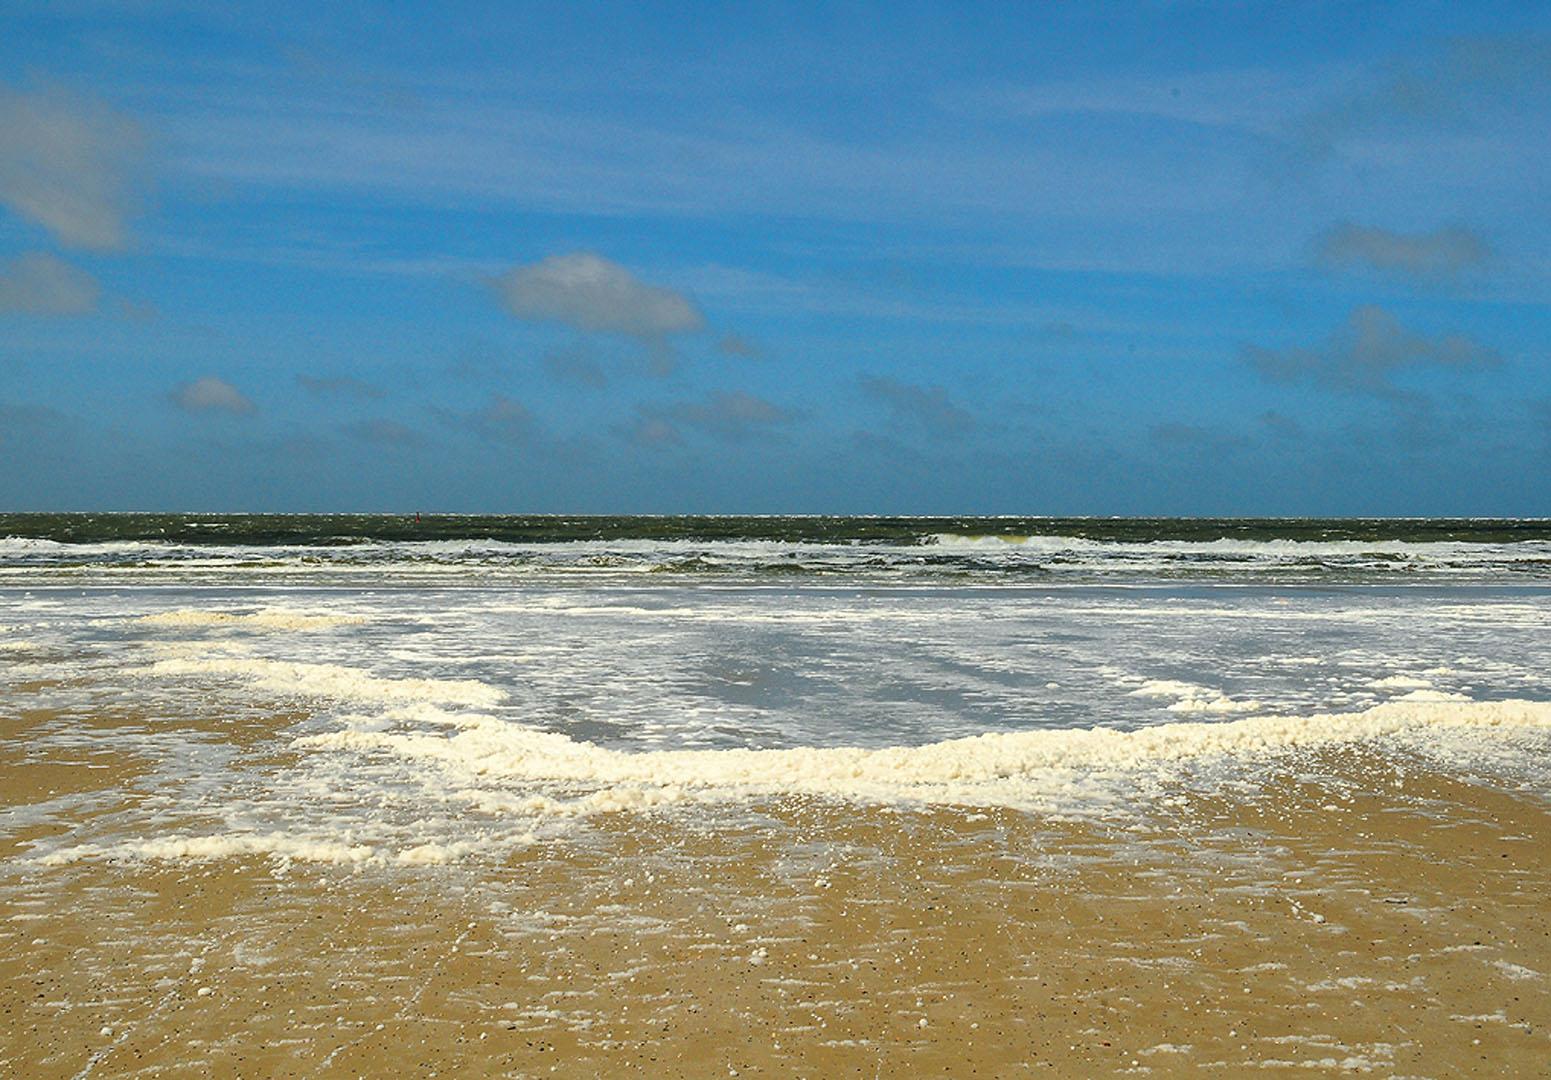 North_Sea_Water_049_N13.1.27